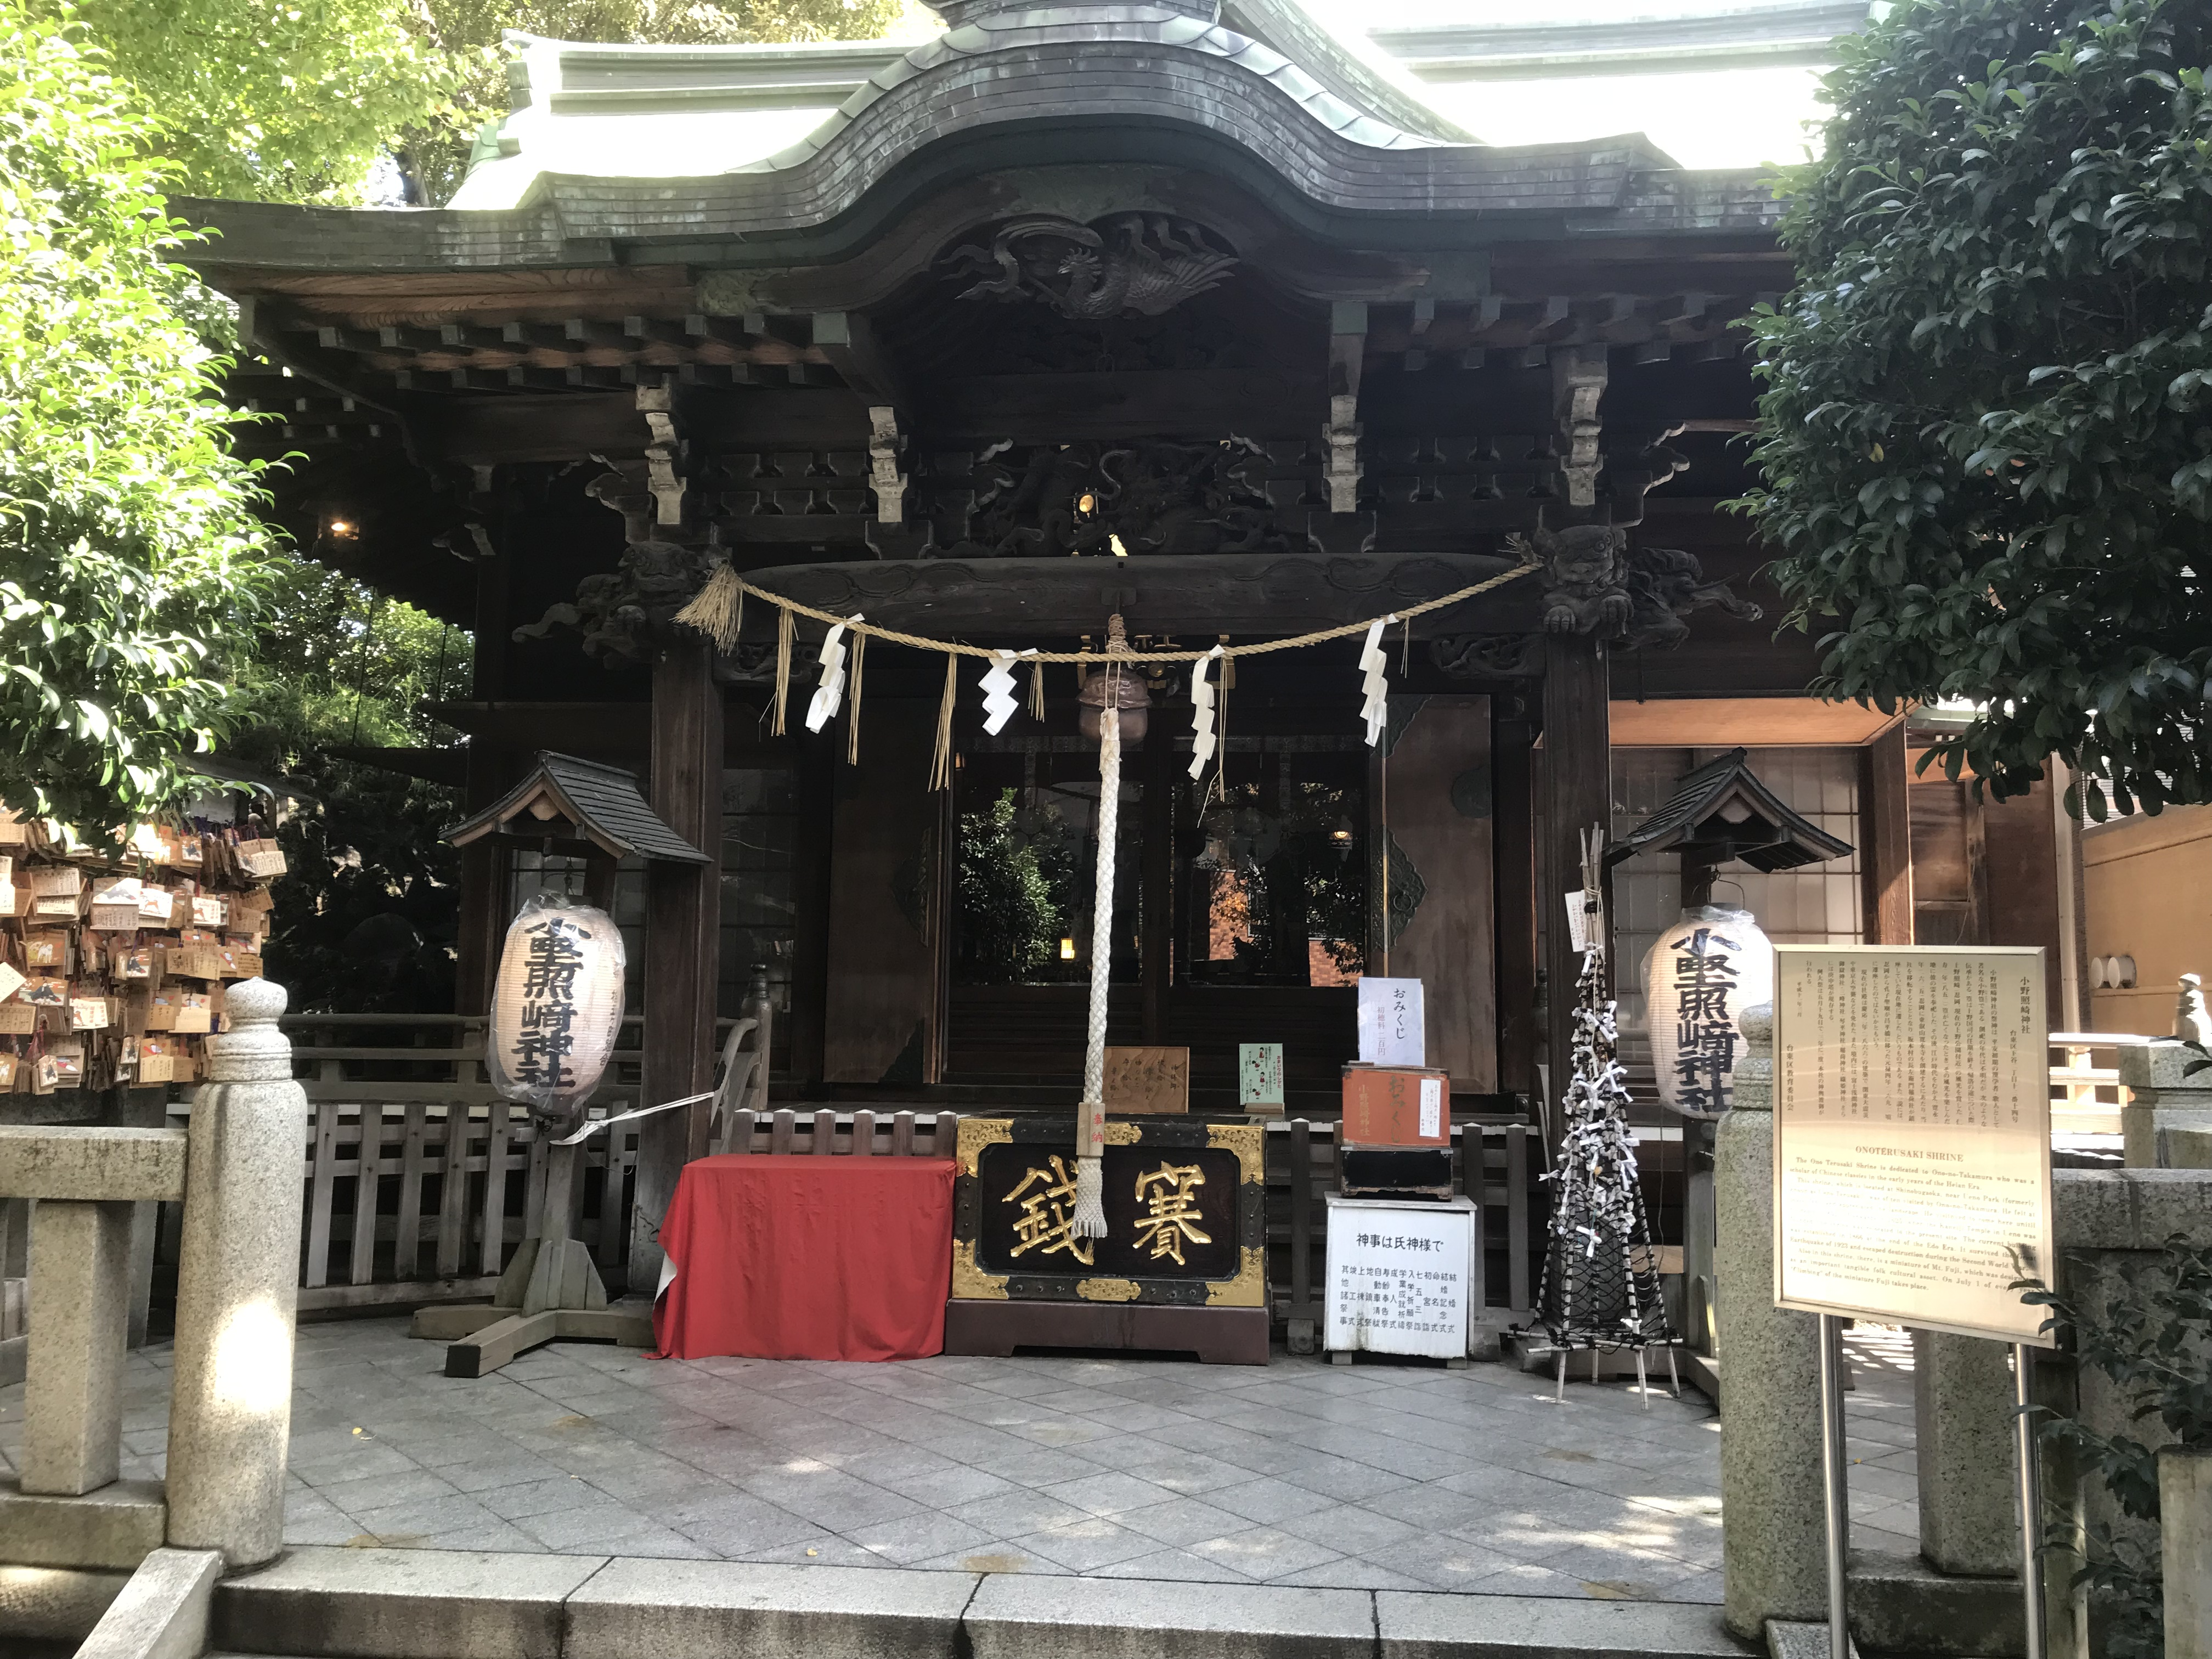 ボイスドラマメンバーで小野照崎神社に行ってきました!